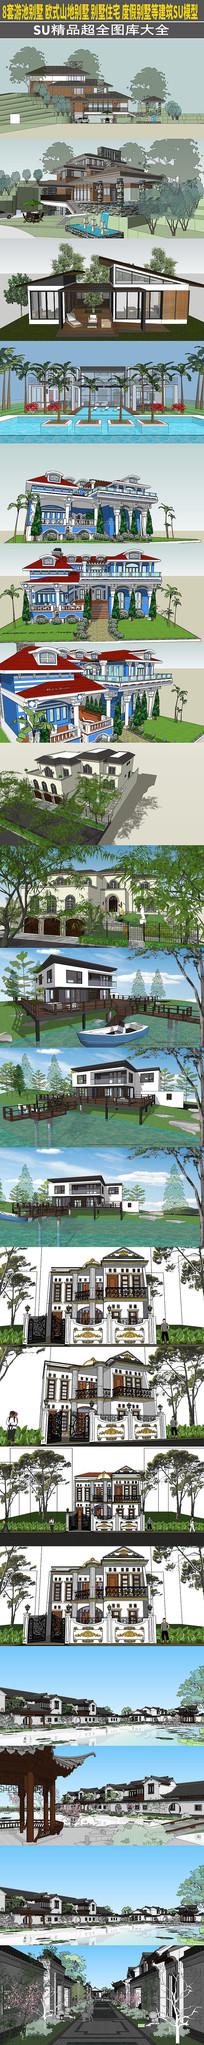 8套旅游度假别墅欧式山地别墅等住宅模型